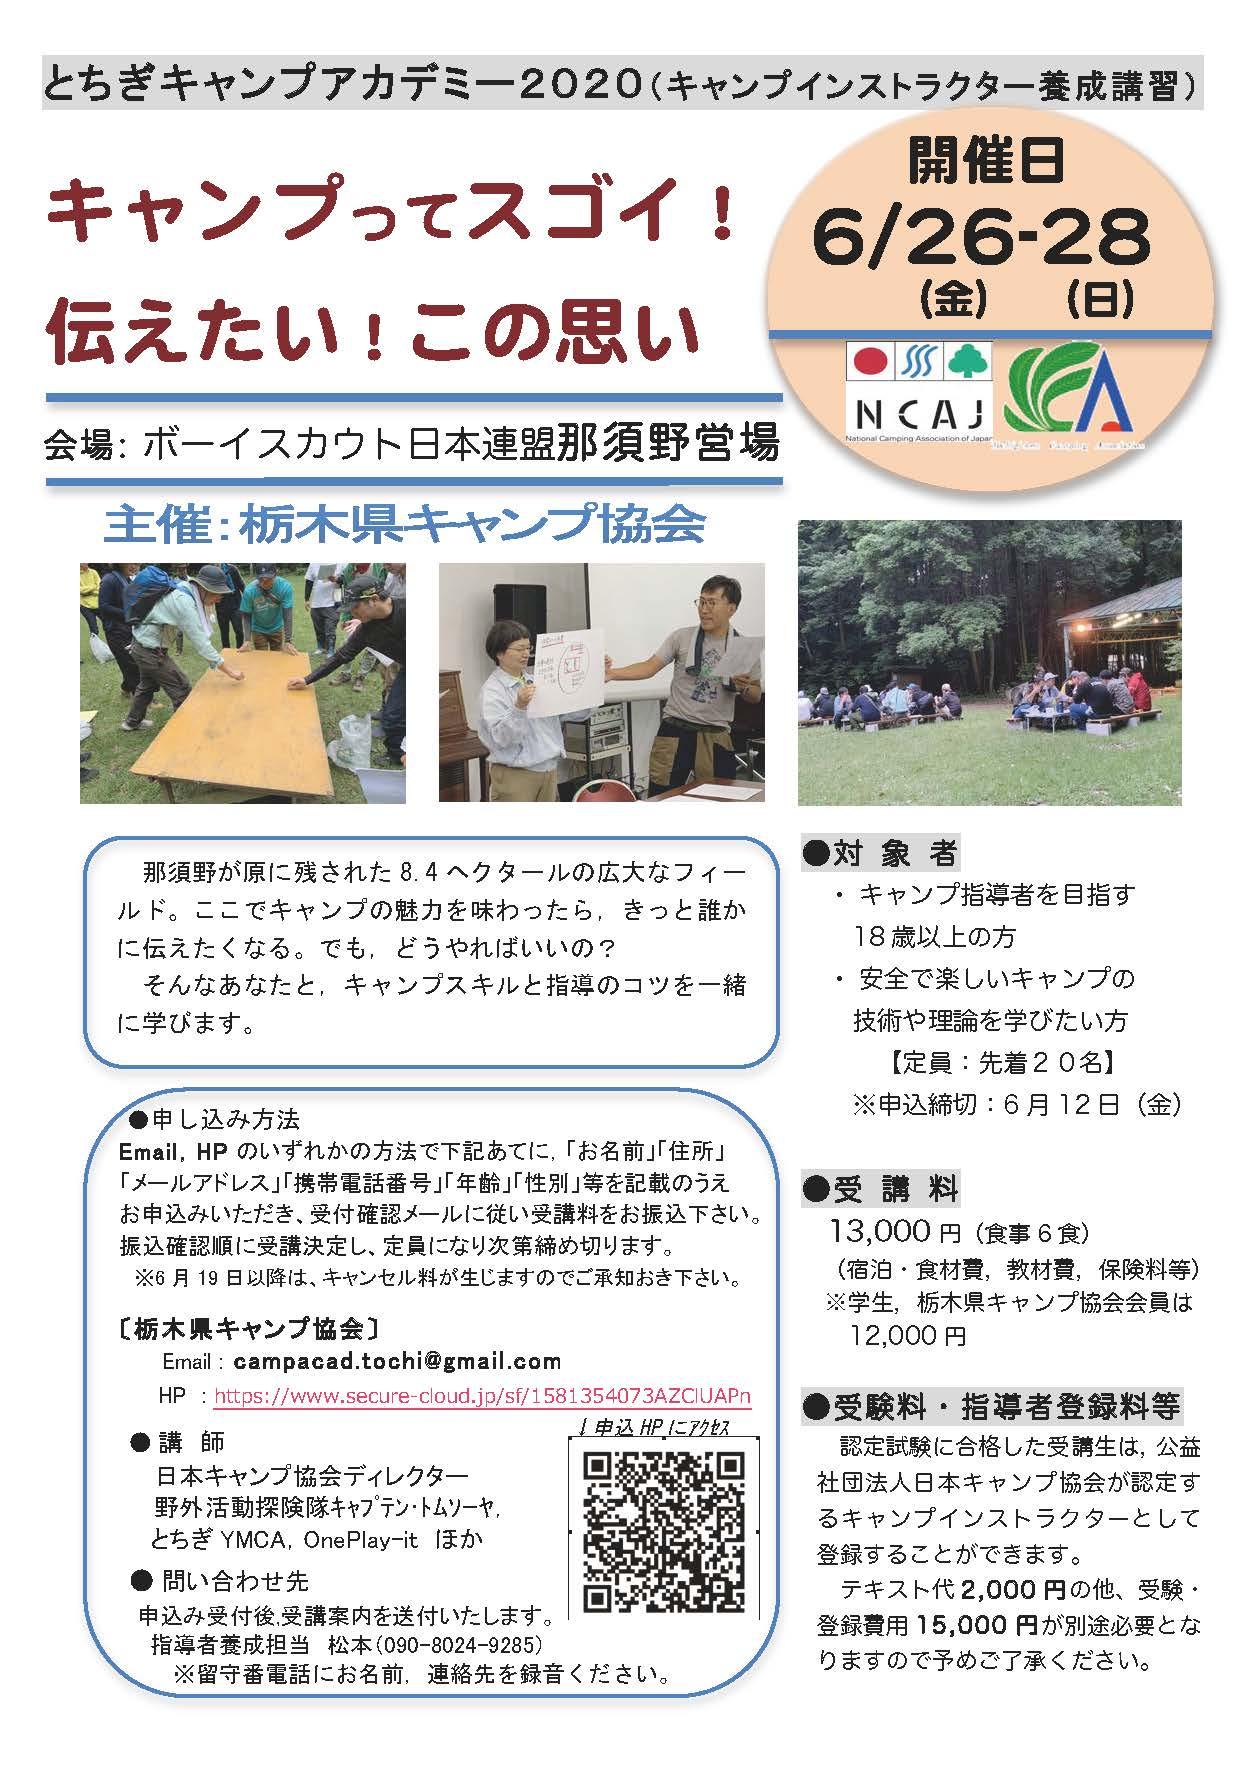 【中止】栃木:キャンプインストラクター養成講習会 @ ボーイスカウト日本連盟 那須野営場